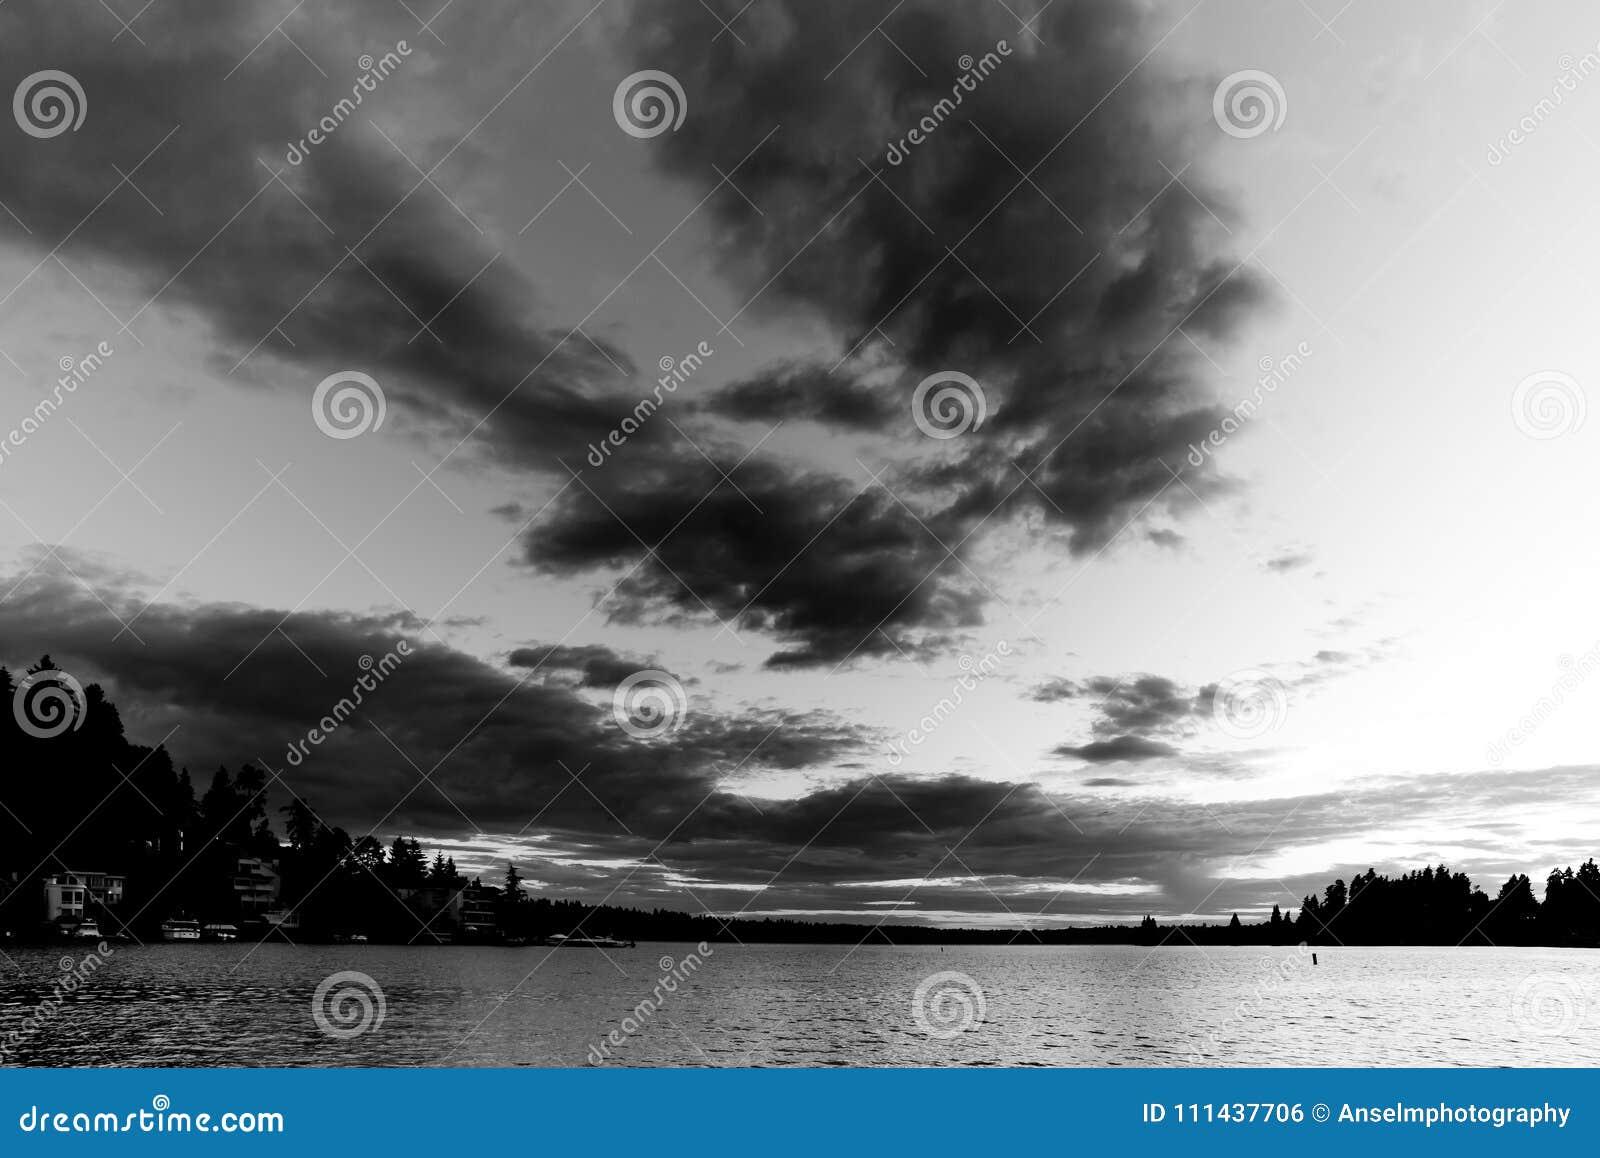 Negro y blanco de la puesta del sol en el parque de la playa de Meydenbauer en Bellevue, Washington, Estados Unidos